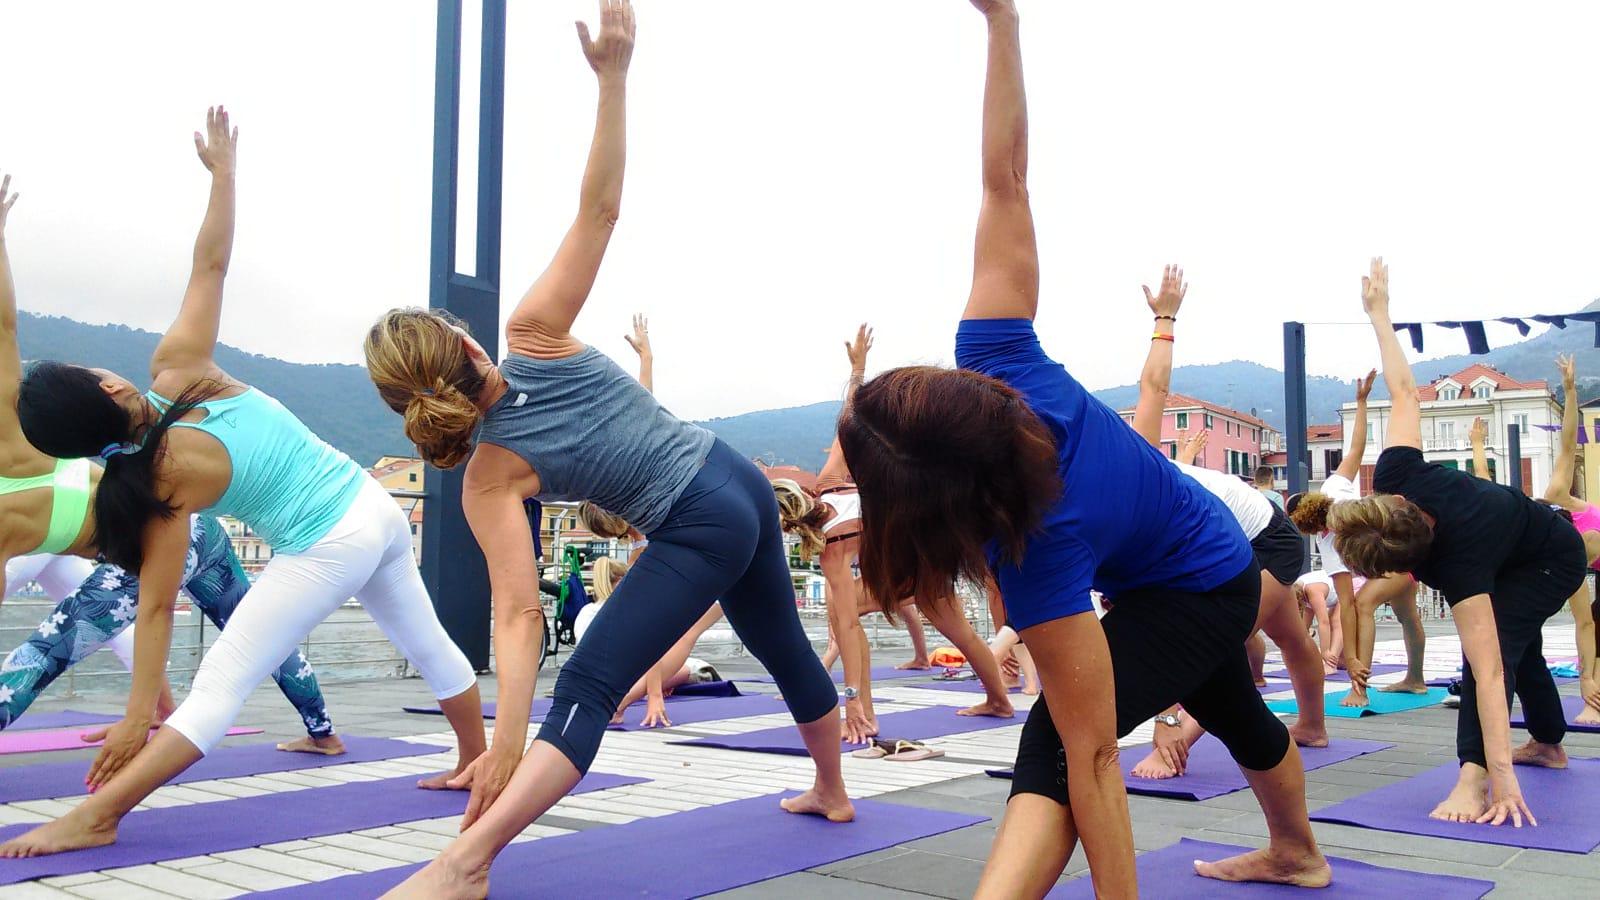 essere-free-yoga-gratuito-benessere-per-tutti-village-citta-alassio-estate-lucia-ragazzi-summer-town-wellness-082